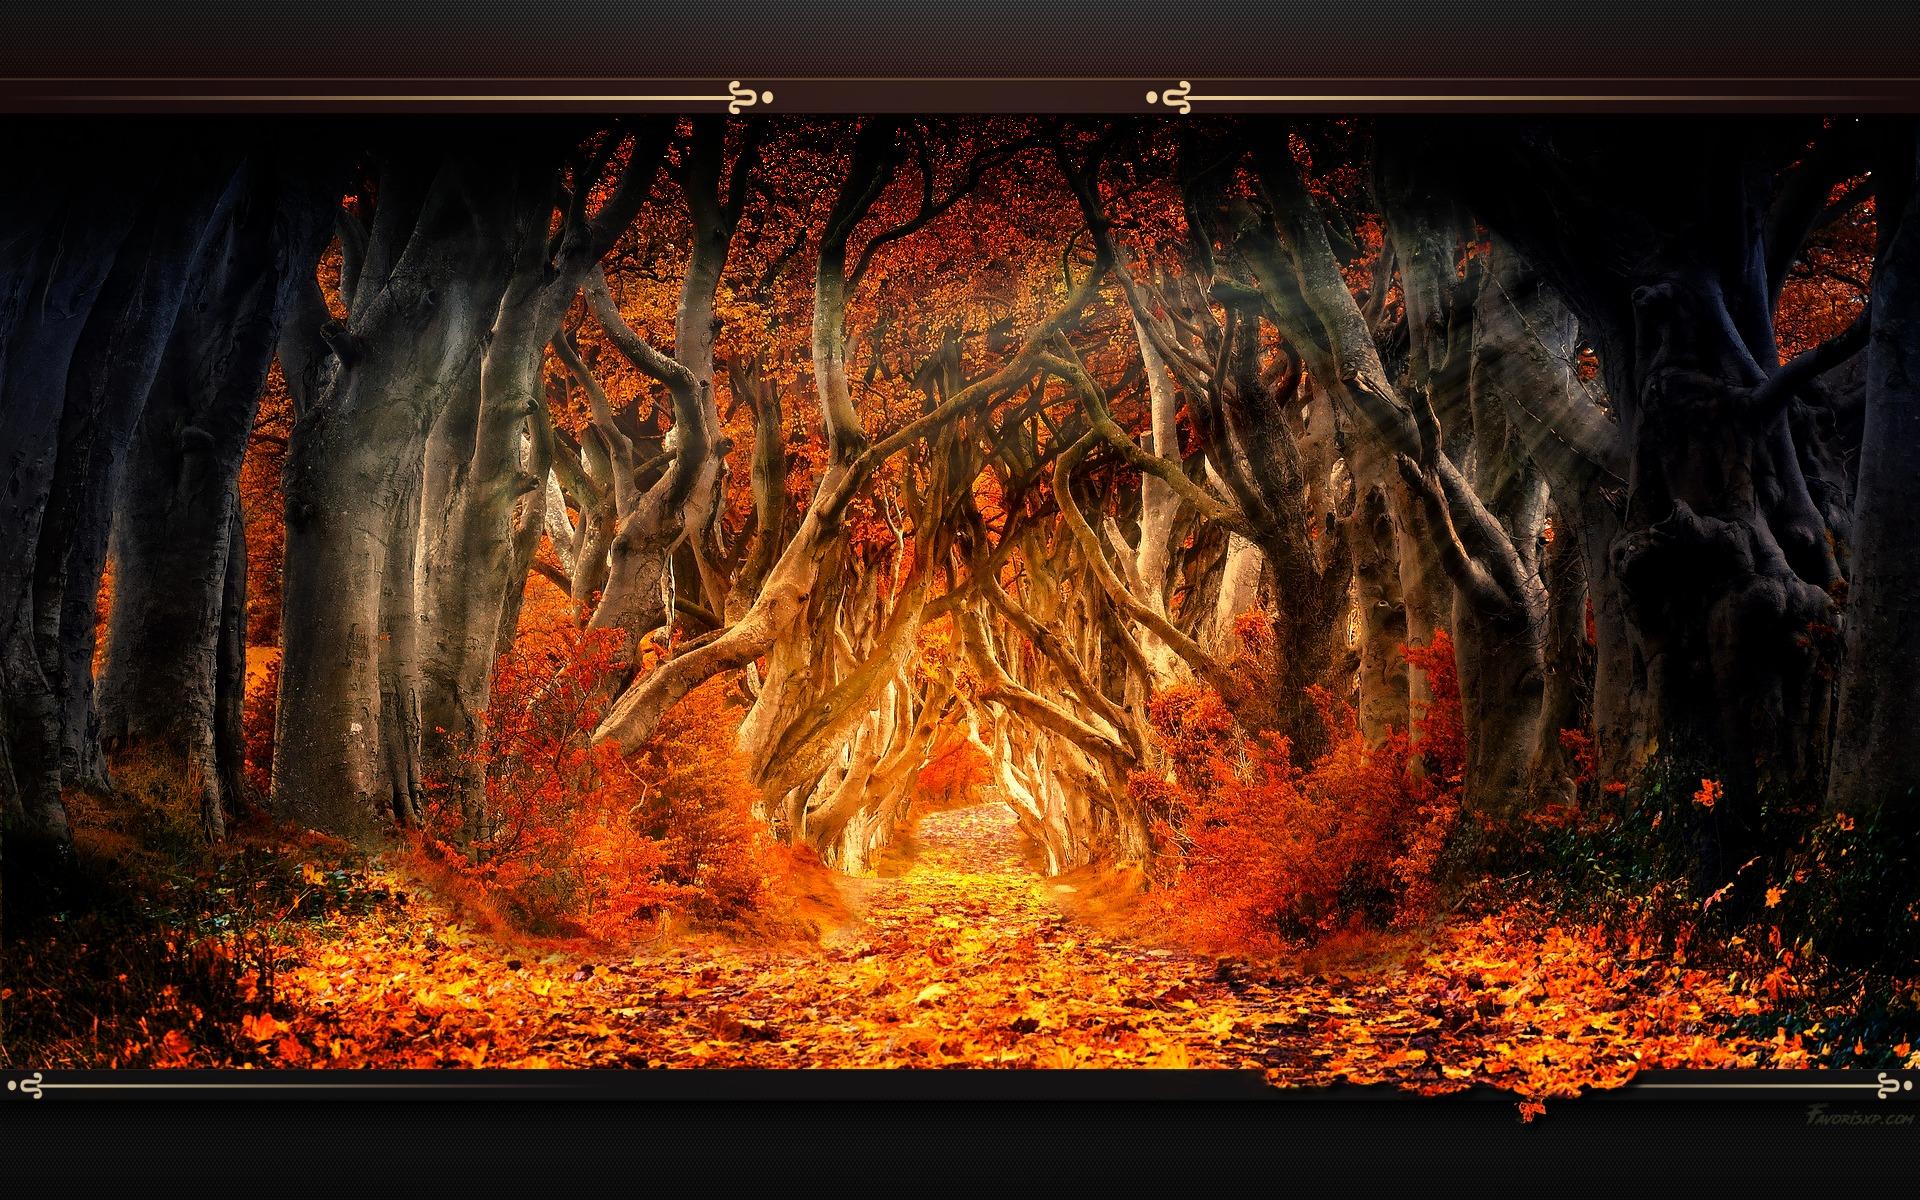 Paysage Fonds D Ecran Image Arriere Plan Wallpaper Favorisxp